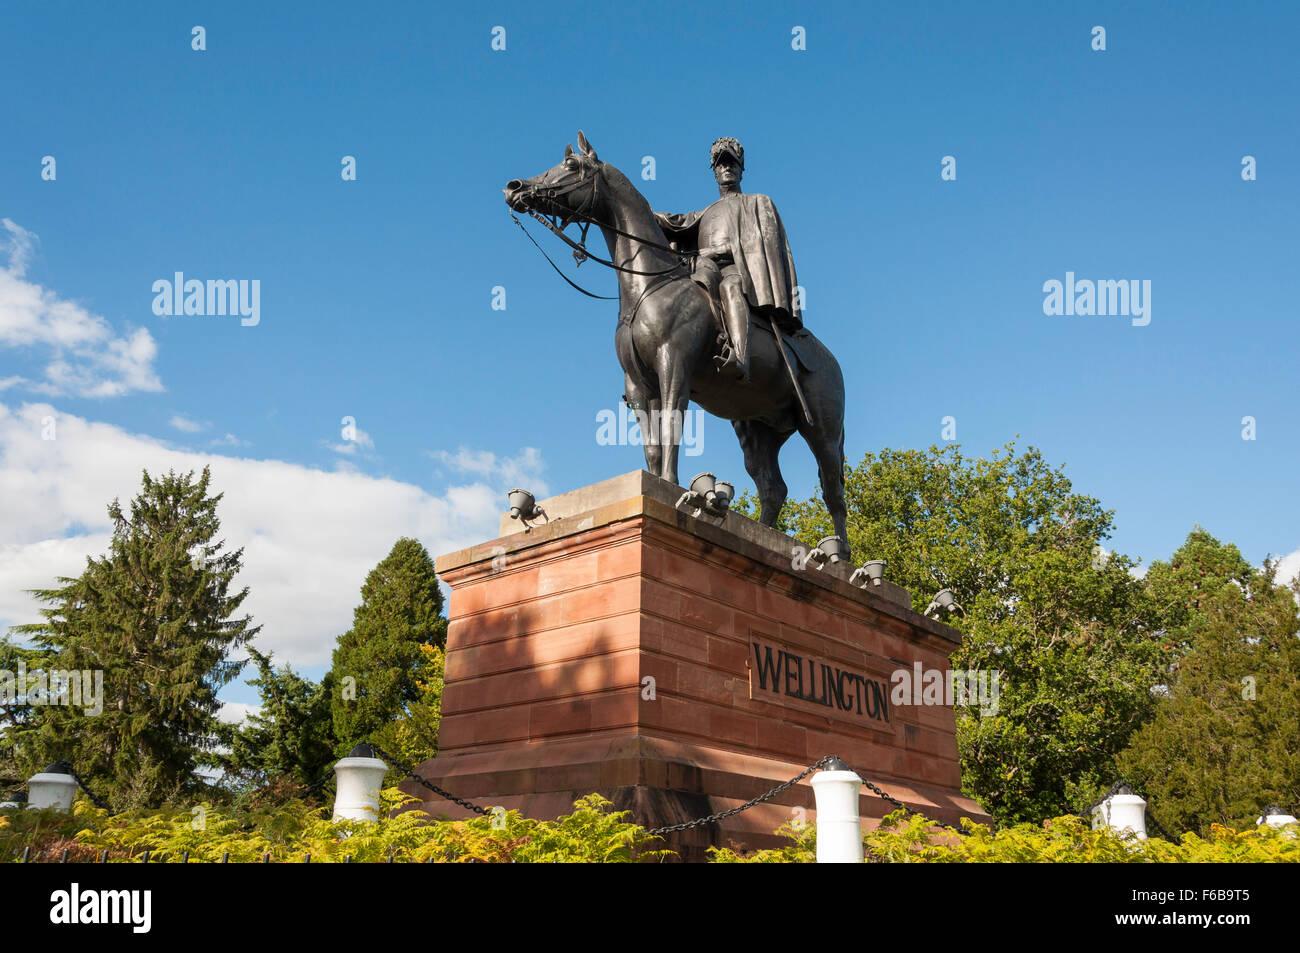 The Wellington Monument, Round Hill, Aldershot, Hampshire, England, United Kingdom - Stock Image